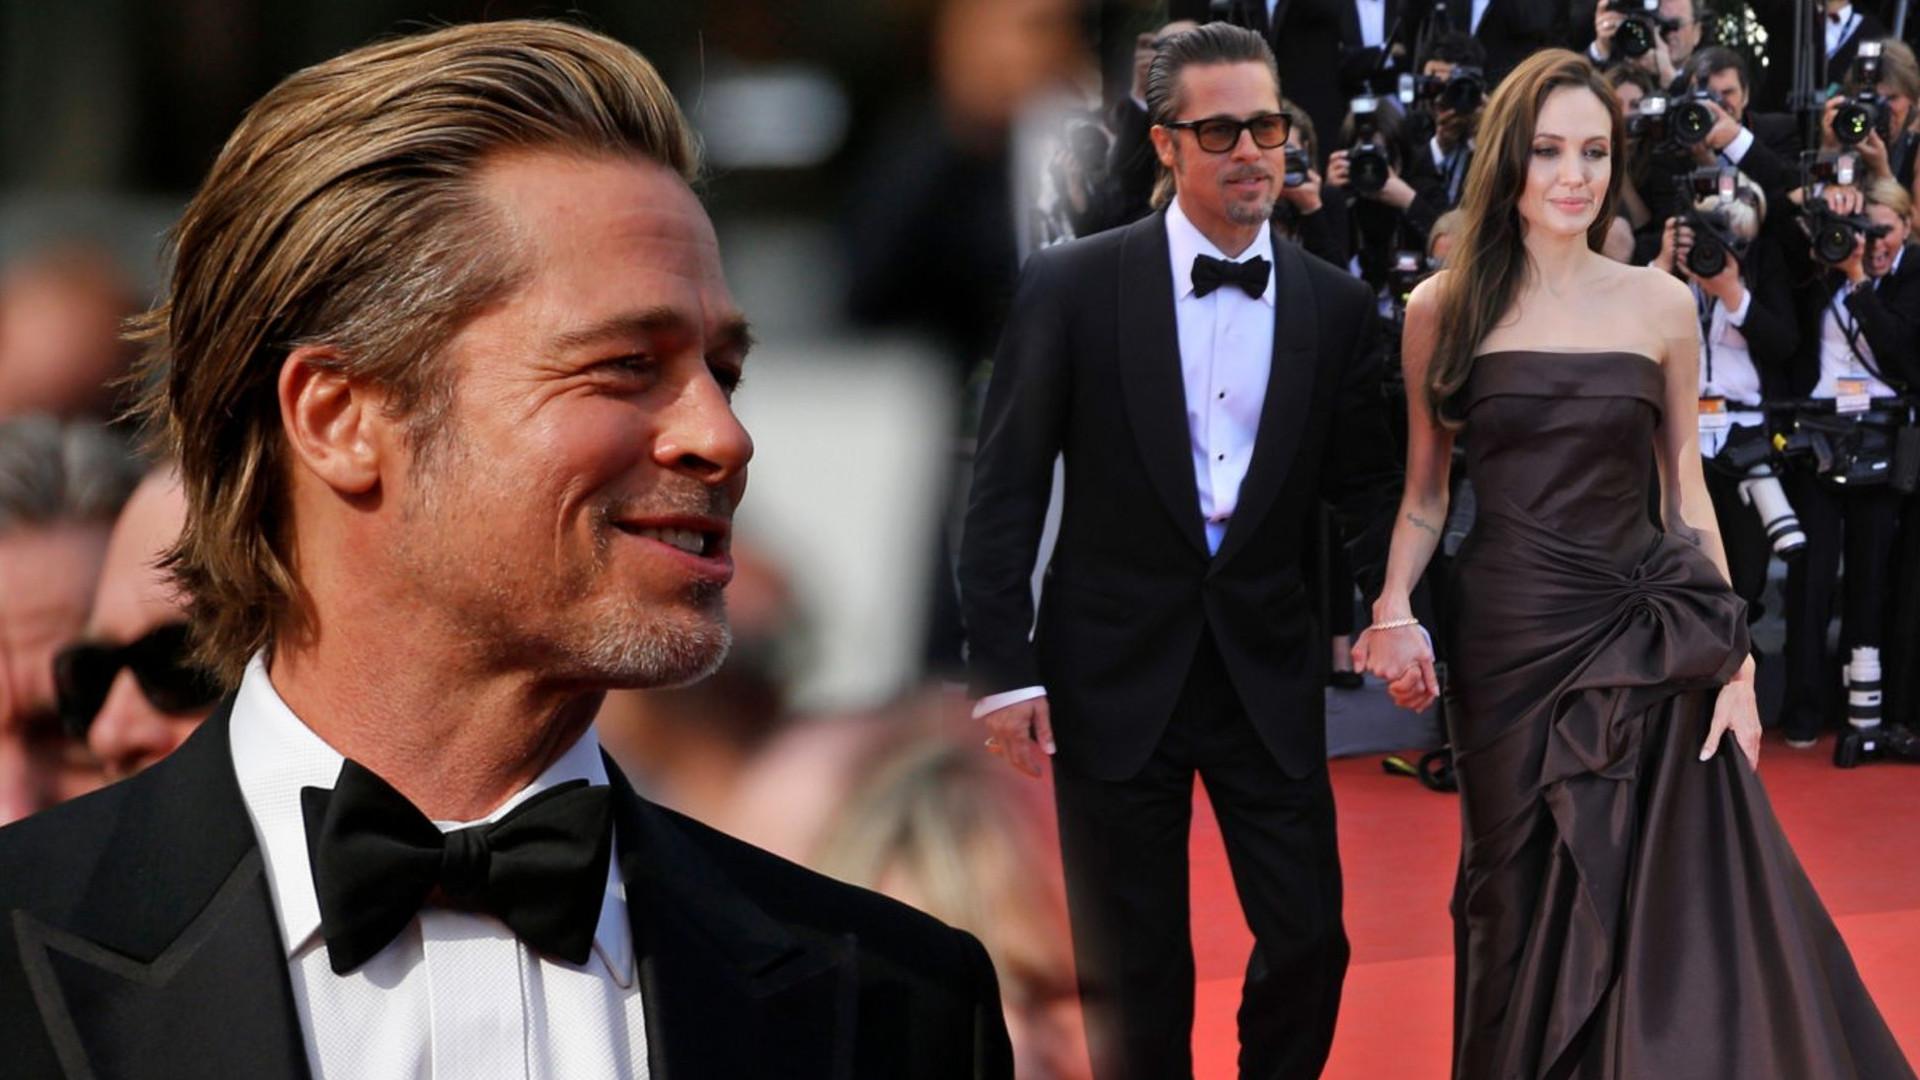 Brad Pitt obchodzi 56 urodziny! Tak na przestrzeni lat zmieniał się jeden z najprzystojniejszych aktorów (FOTO)